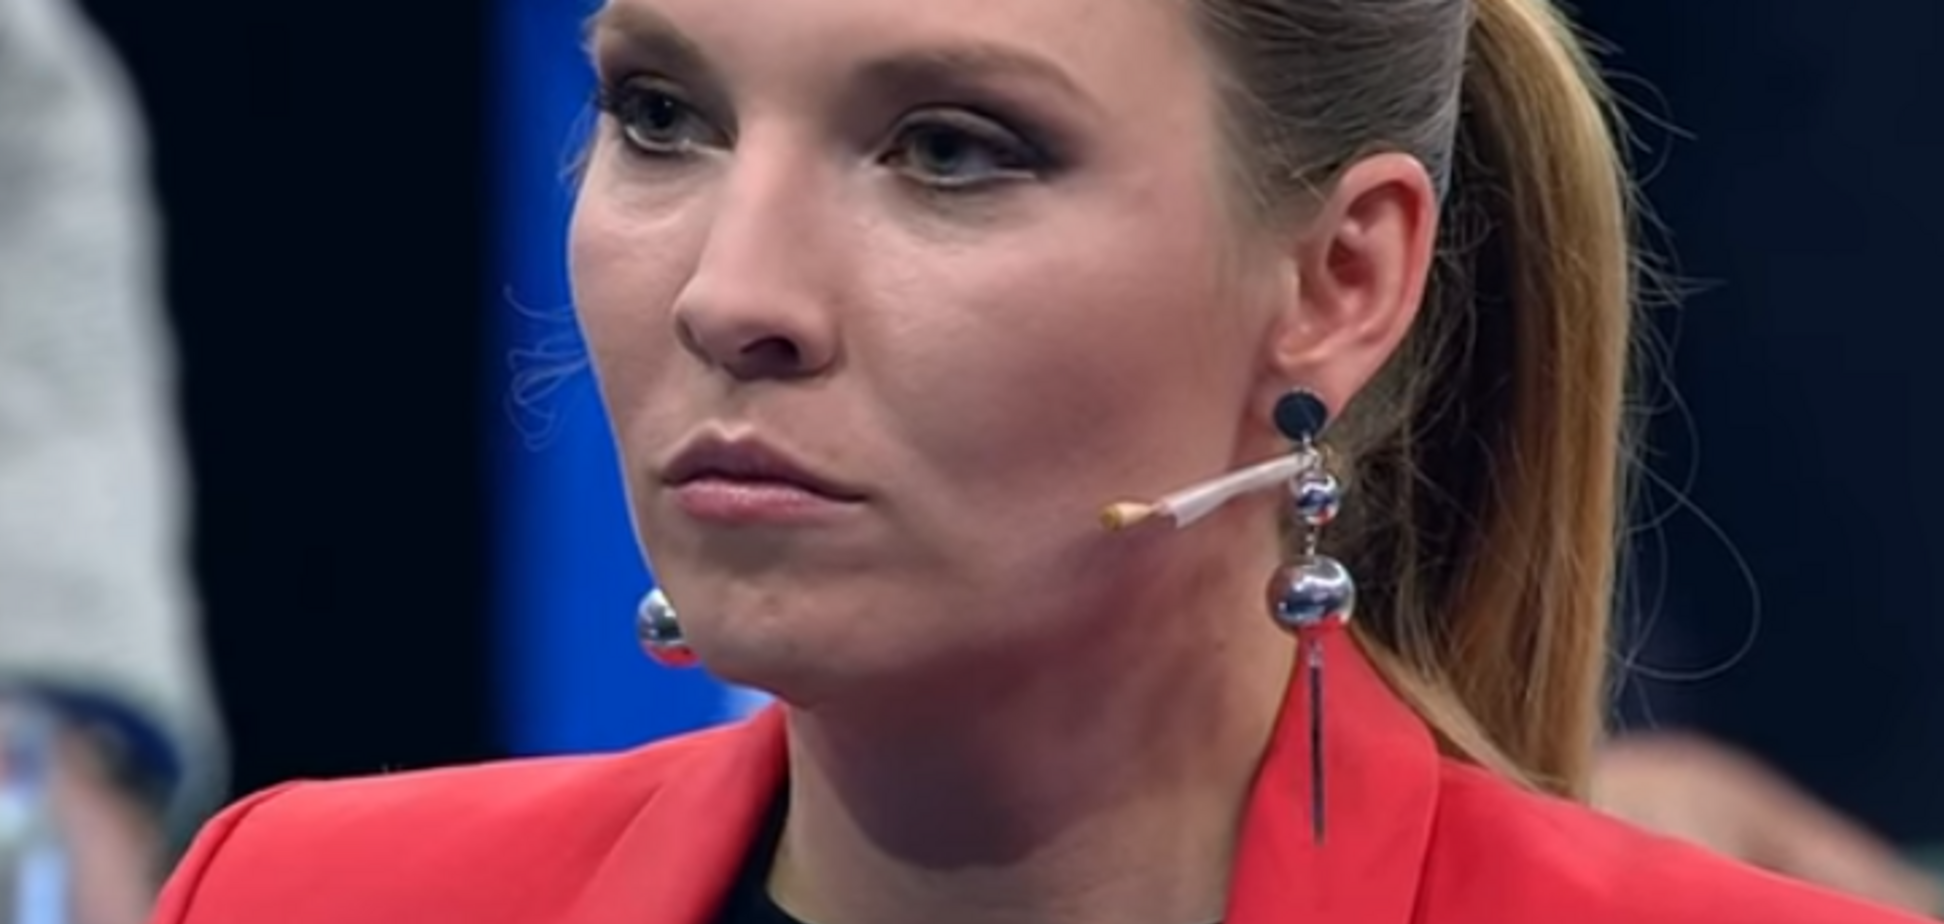 'Переоденемся в зеленых человечков': пропагандистка Путина едко пригрозила Украине